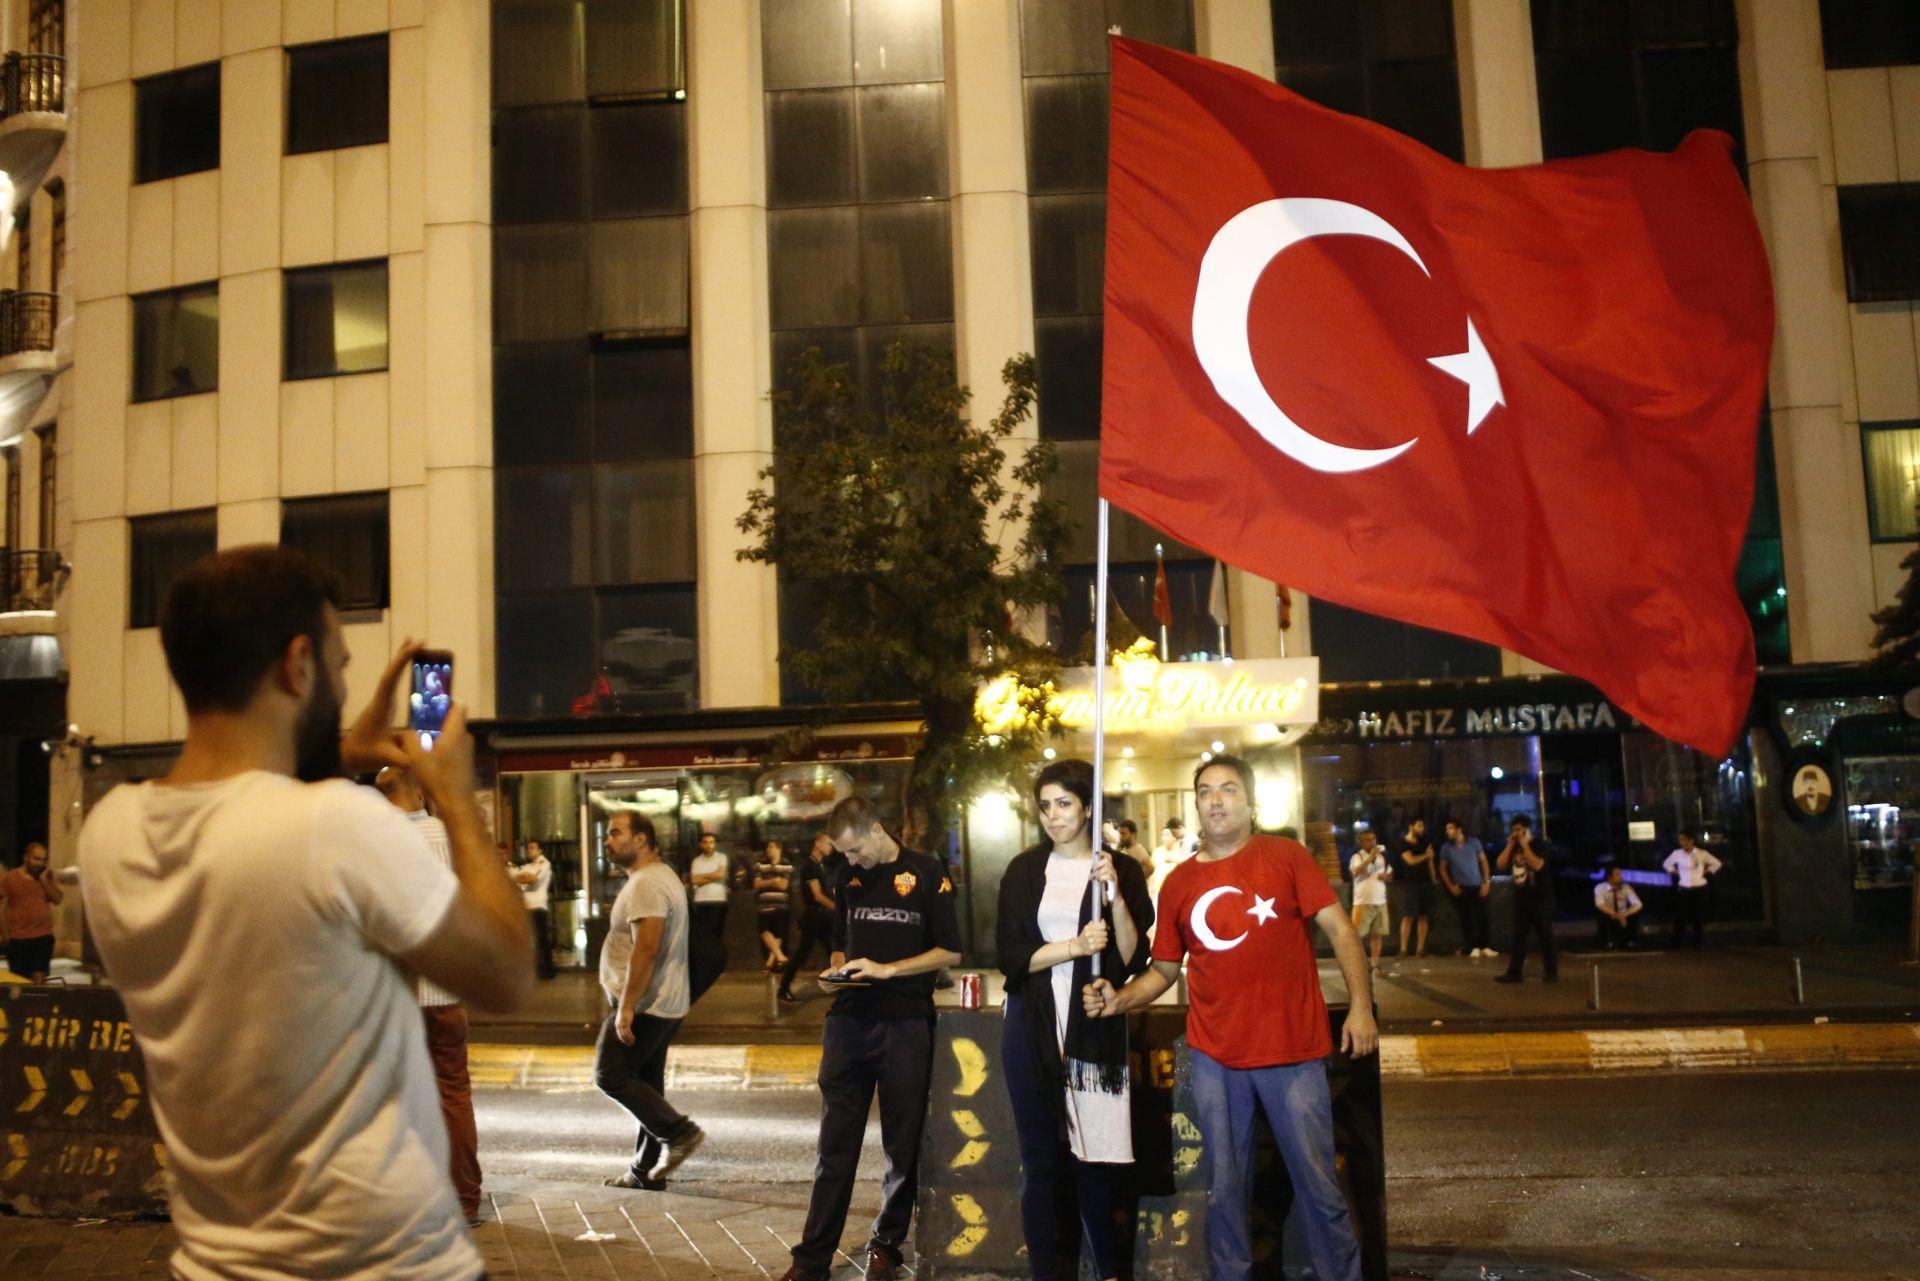 TURSKO VELEPOSLANSTVO: Spriječen vojni udar, predsjednik i vlada na vlasti